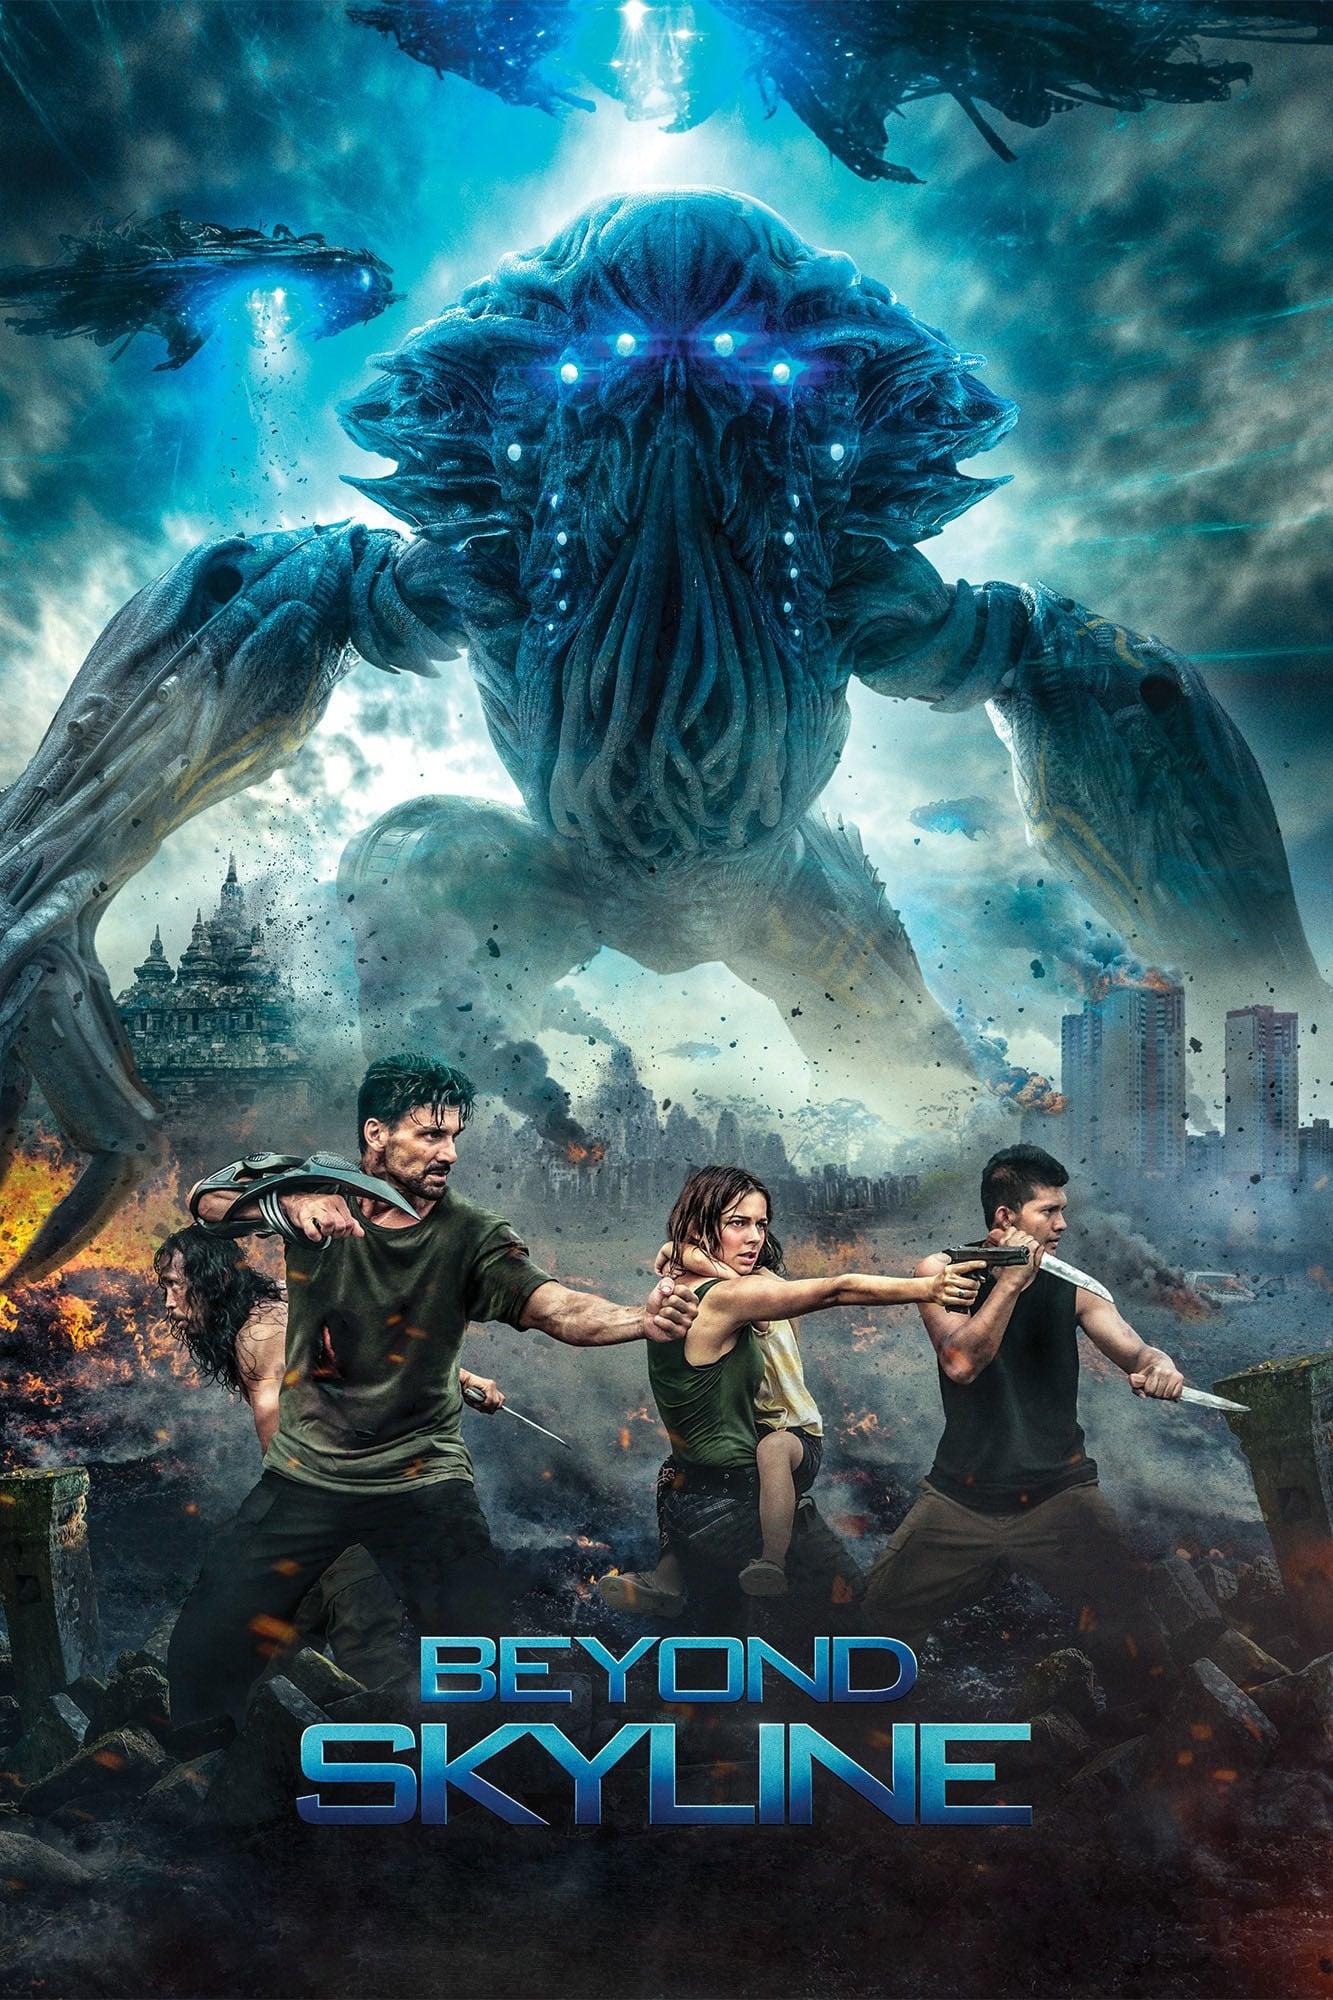 image for Beyond Skyline